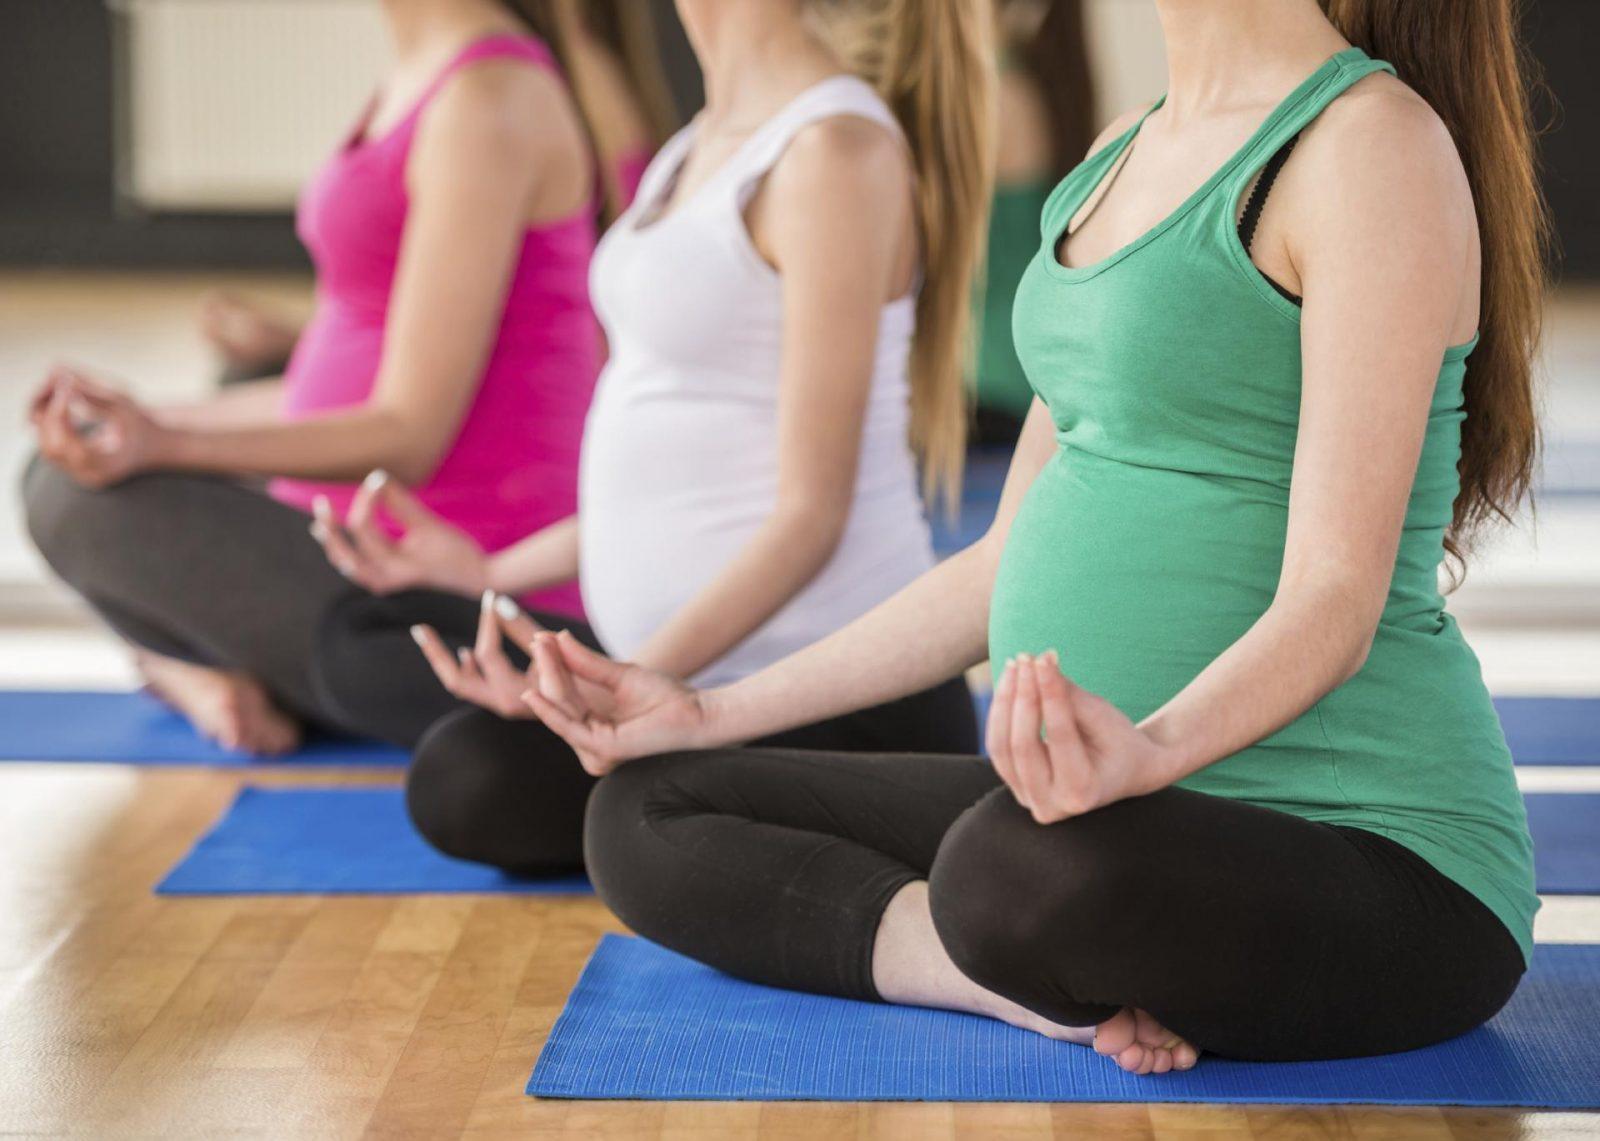 îmbunătățirea erecției yoga)